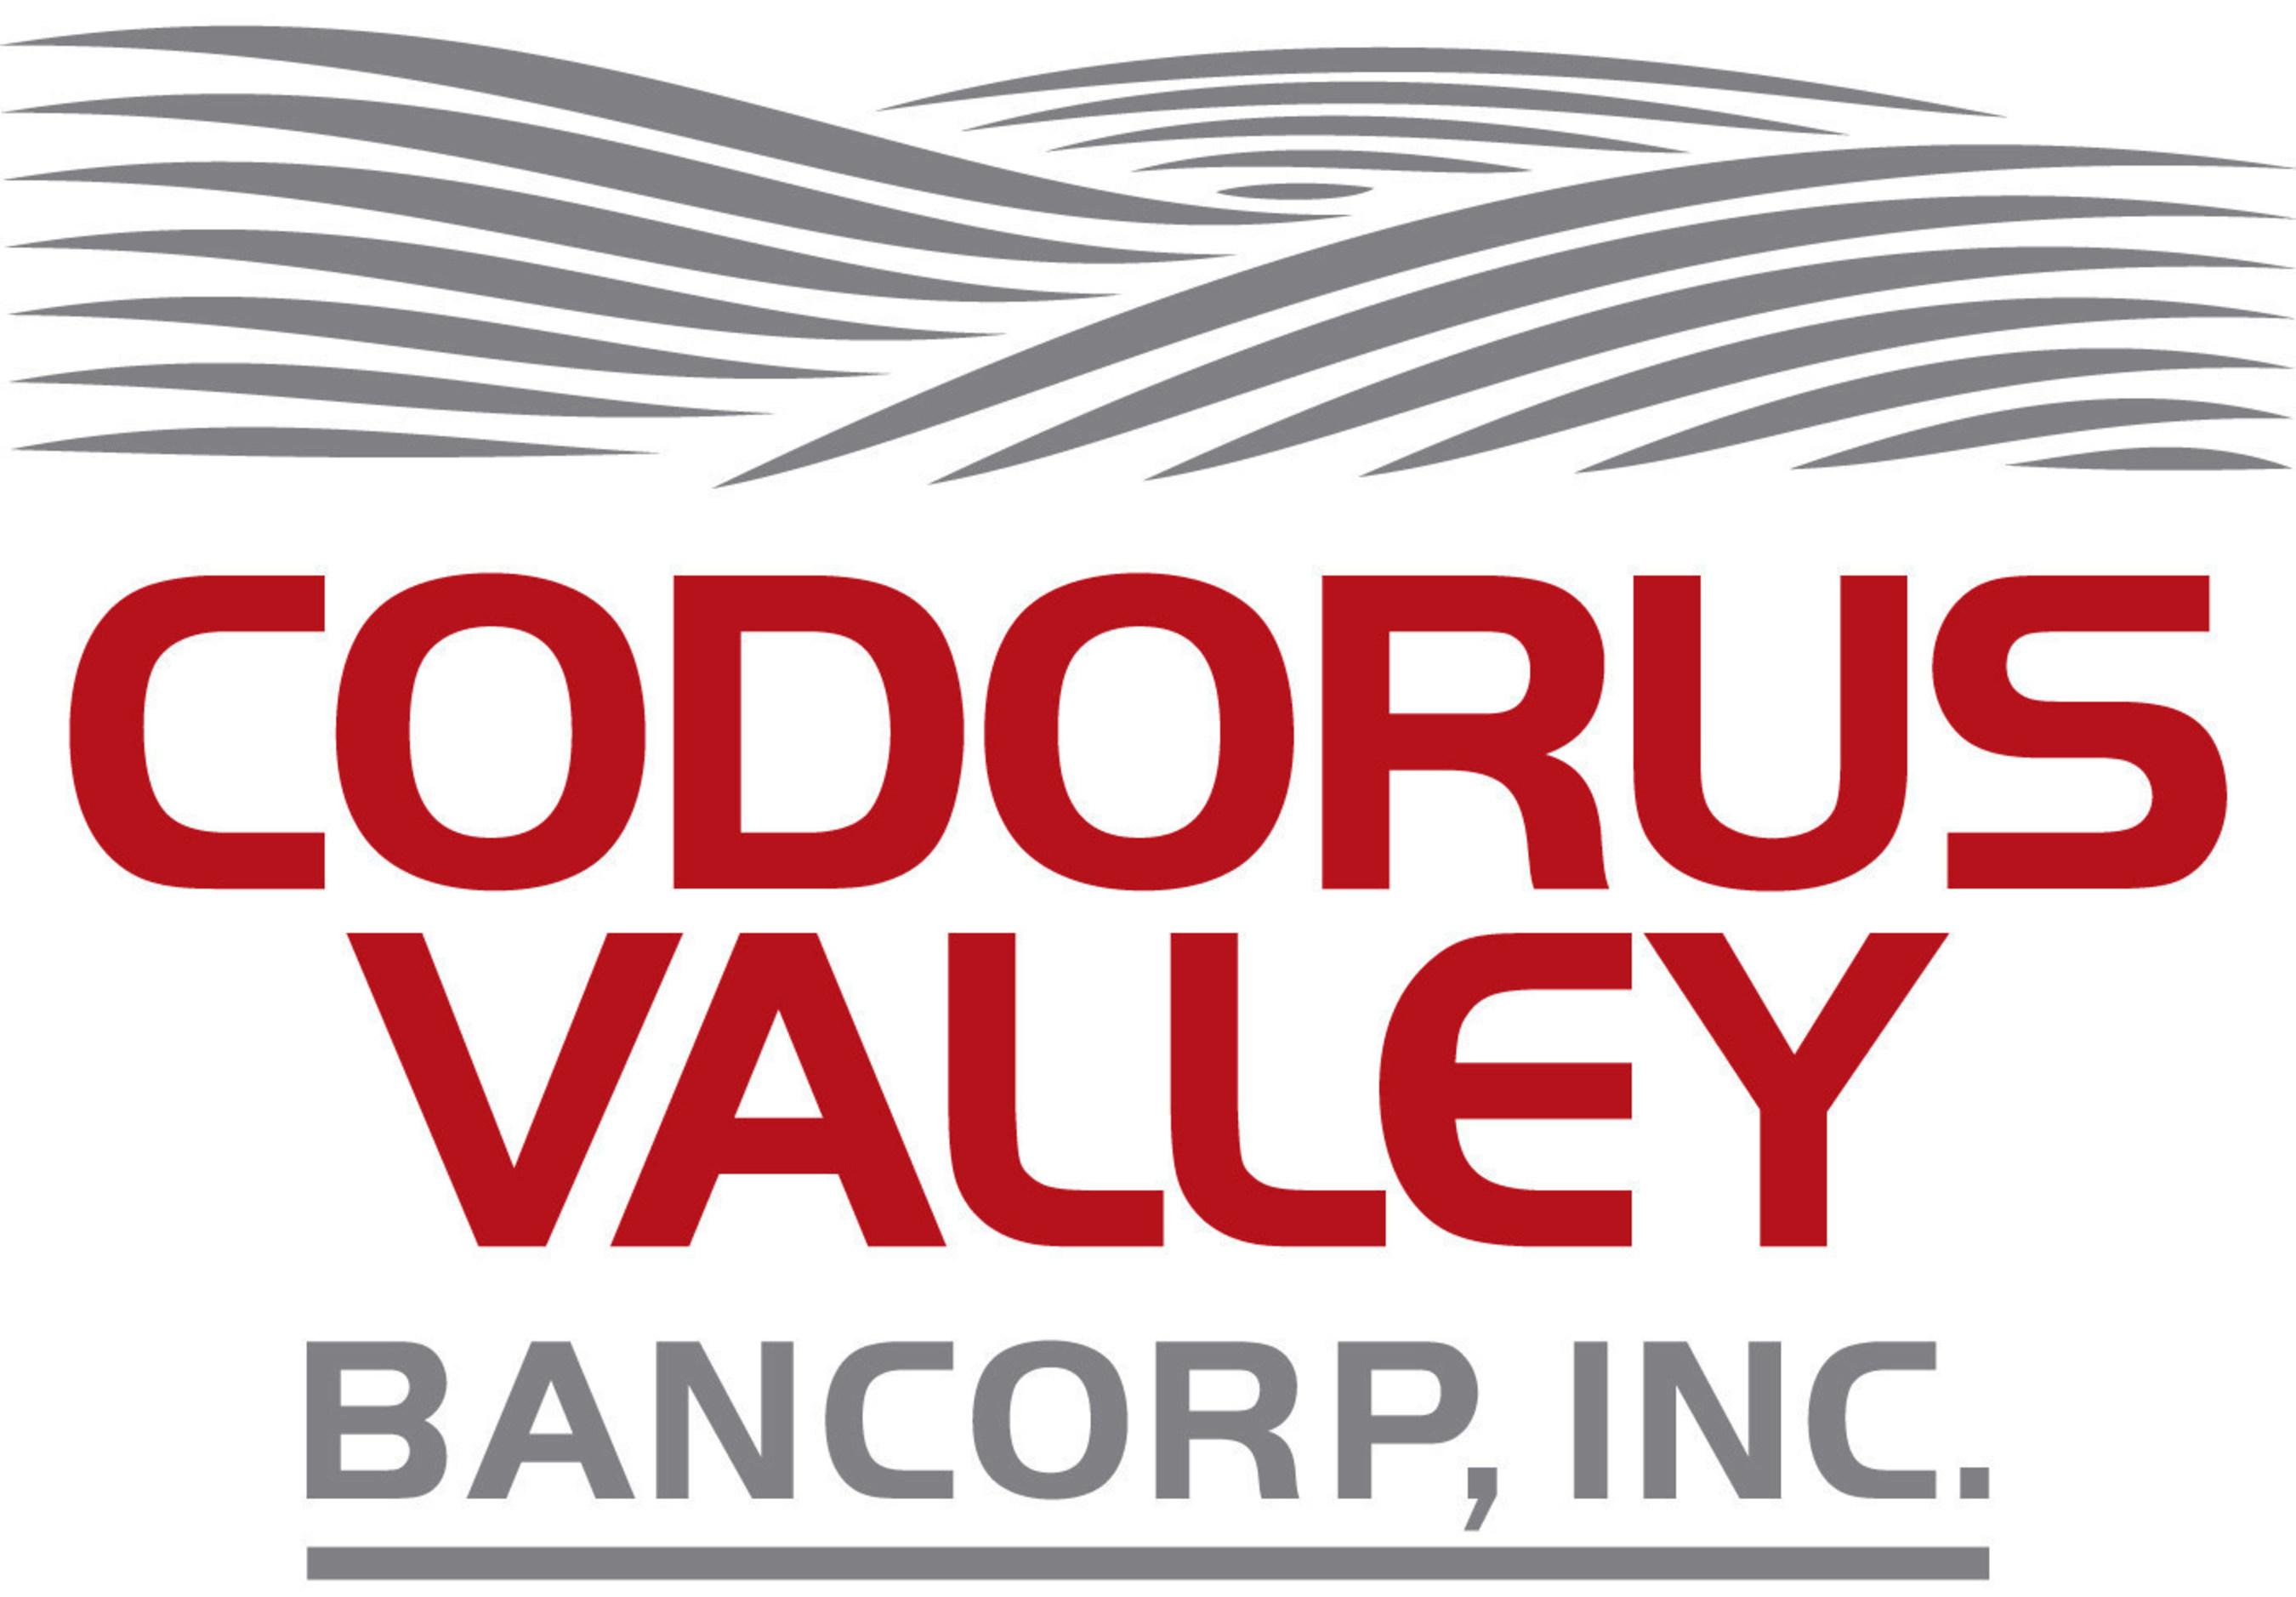 Codorus Valley Bancorp, Inc. Logo (PRNewsFoto/Codorus Valley Bancorp, Inc.)